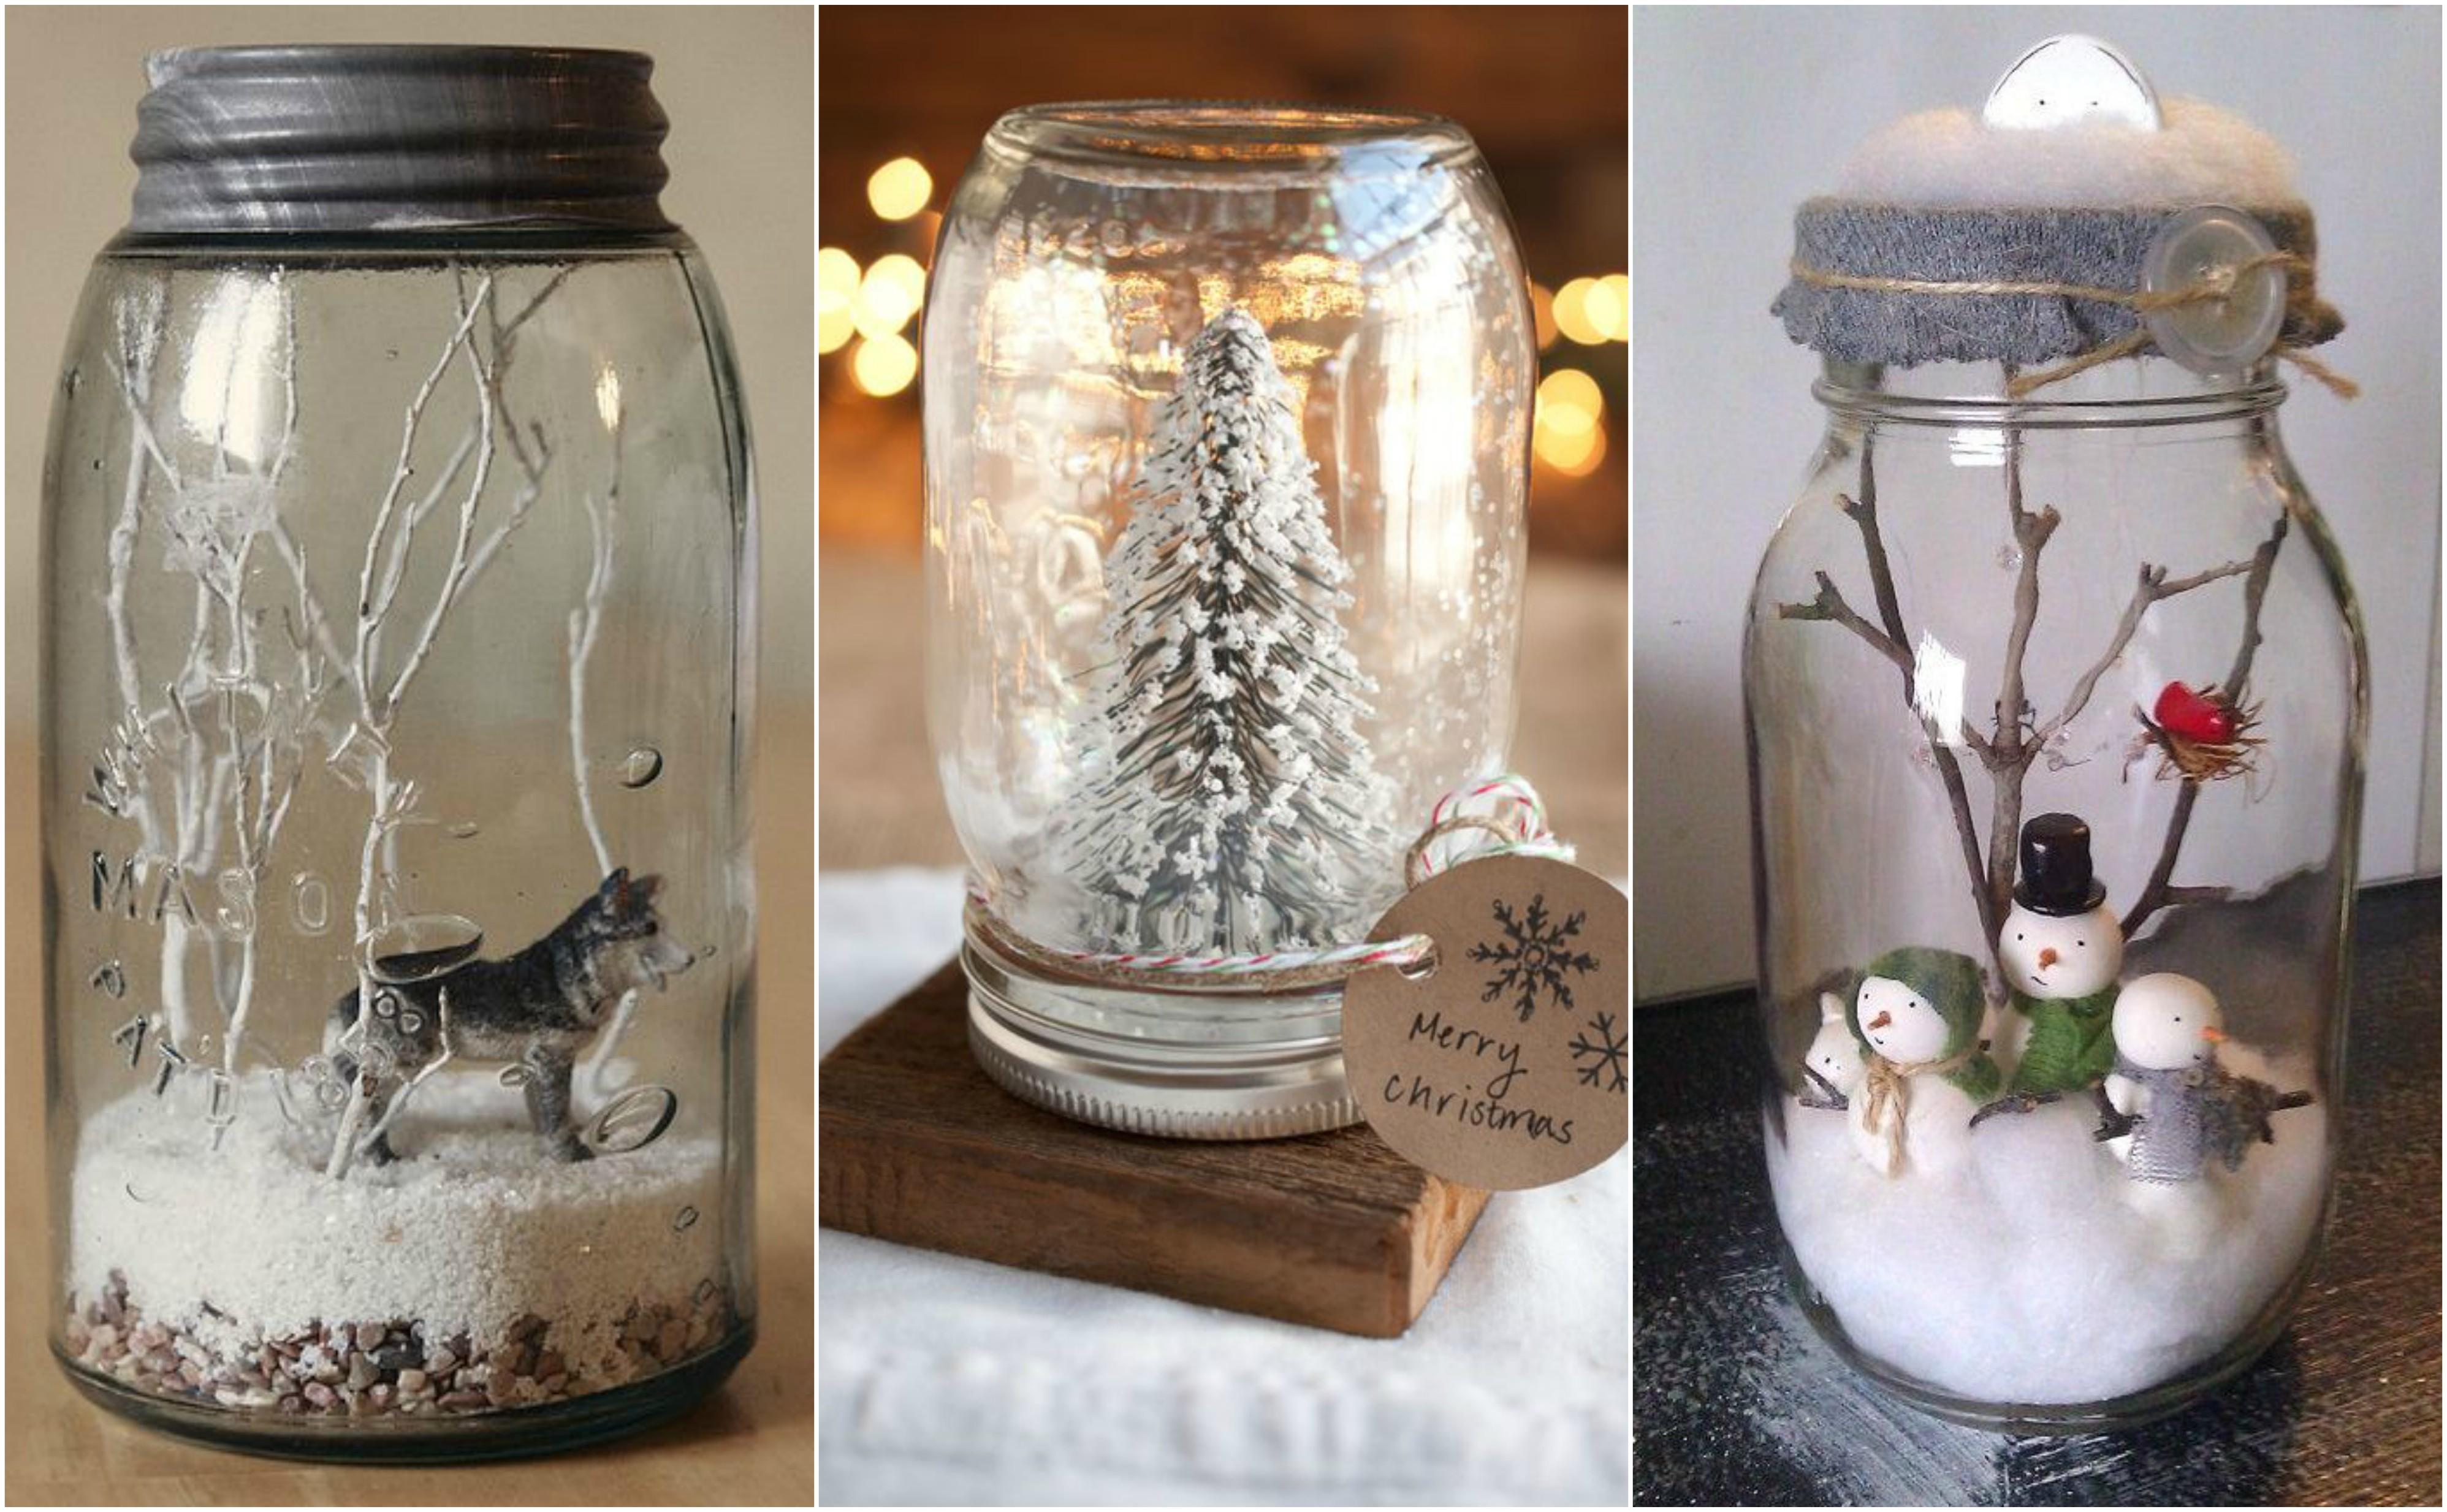 Weihnachtsdeko ideen in gl sern zum selbermachen - Billige weihnachtsdeko ...